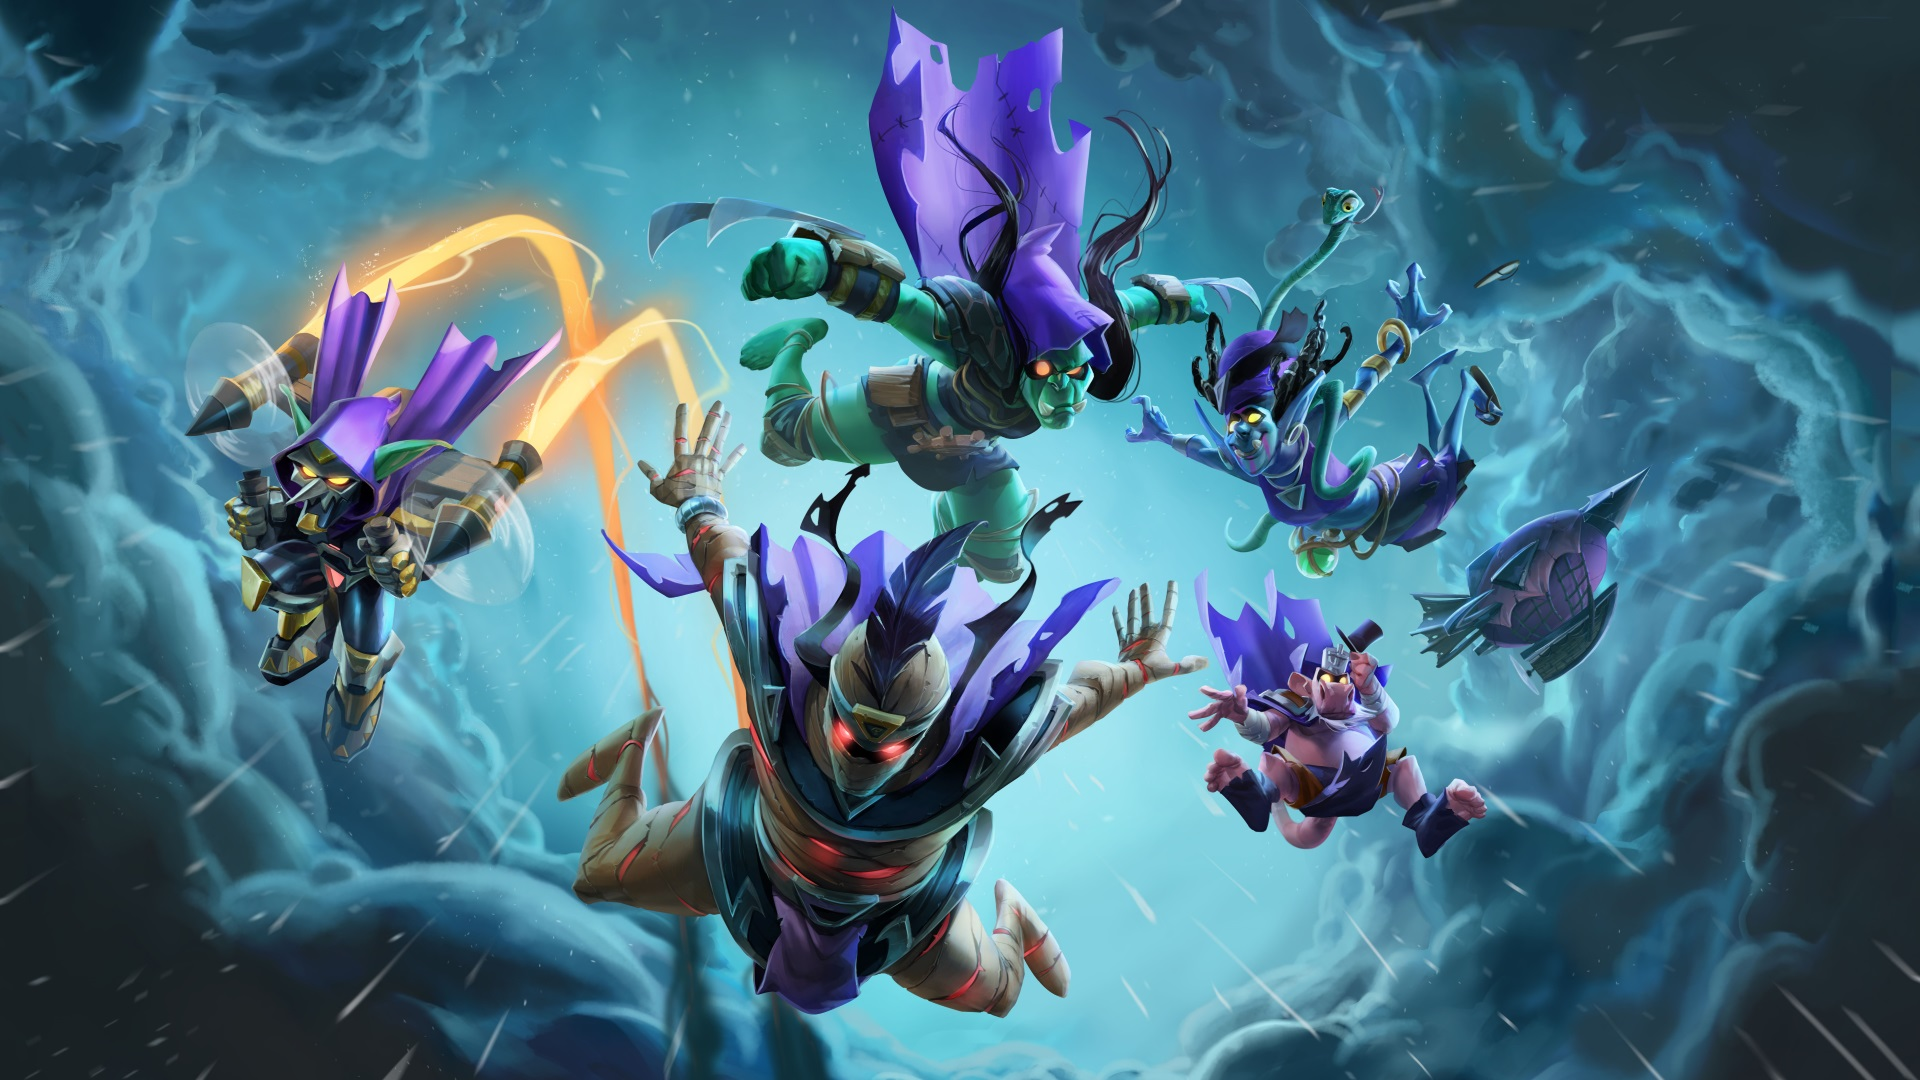 """Hearthstone: Blizzard покажет однопользовательский контент """"Возмездия теней"""" 9 мая"""